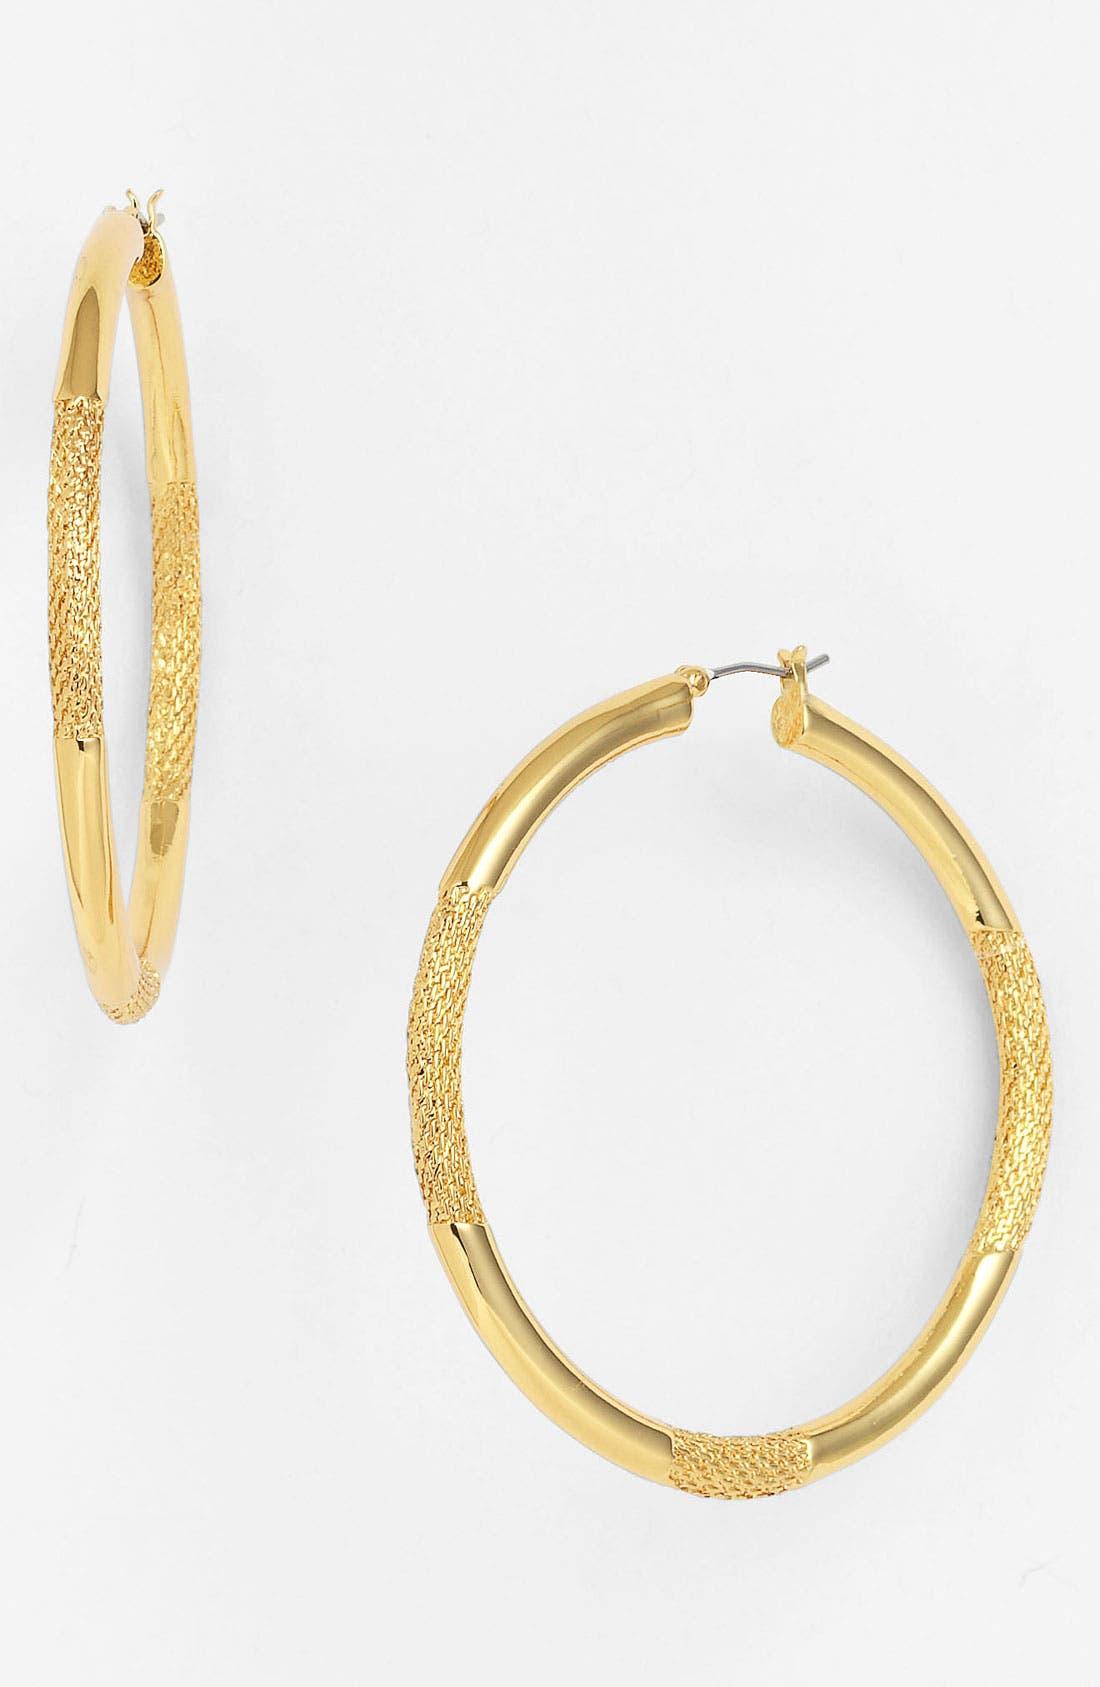 Main Image - Vince Camuto 'Clean Slate' Hoop Earrings